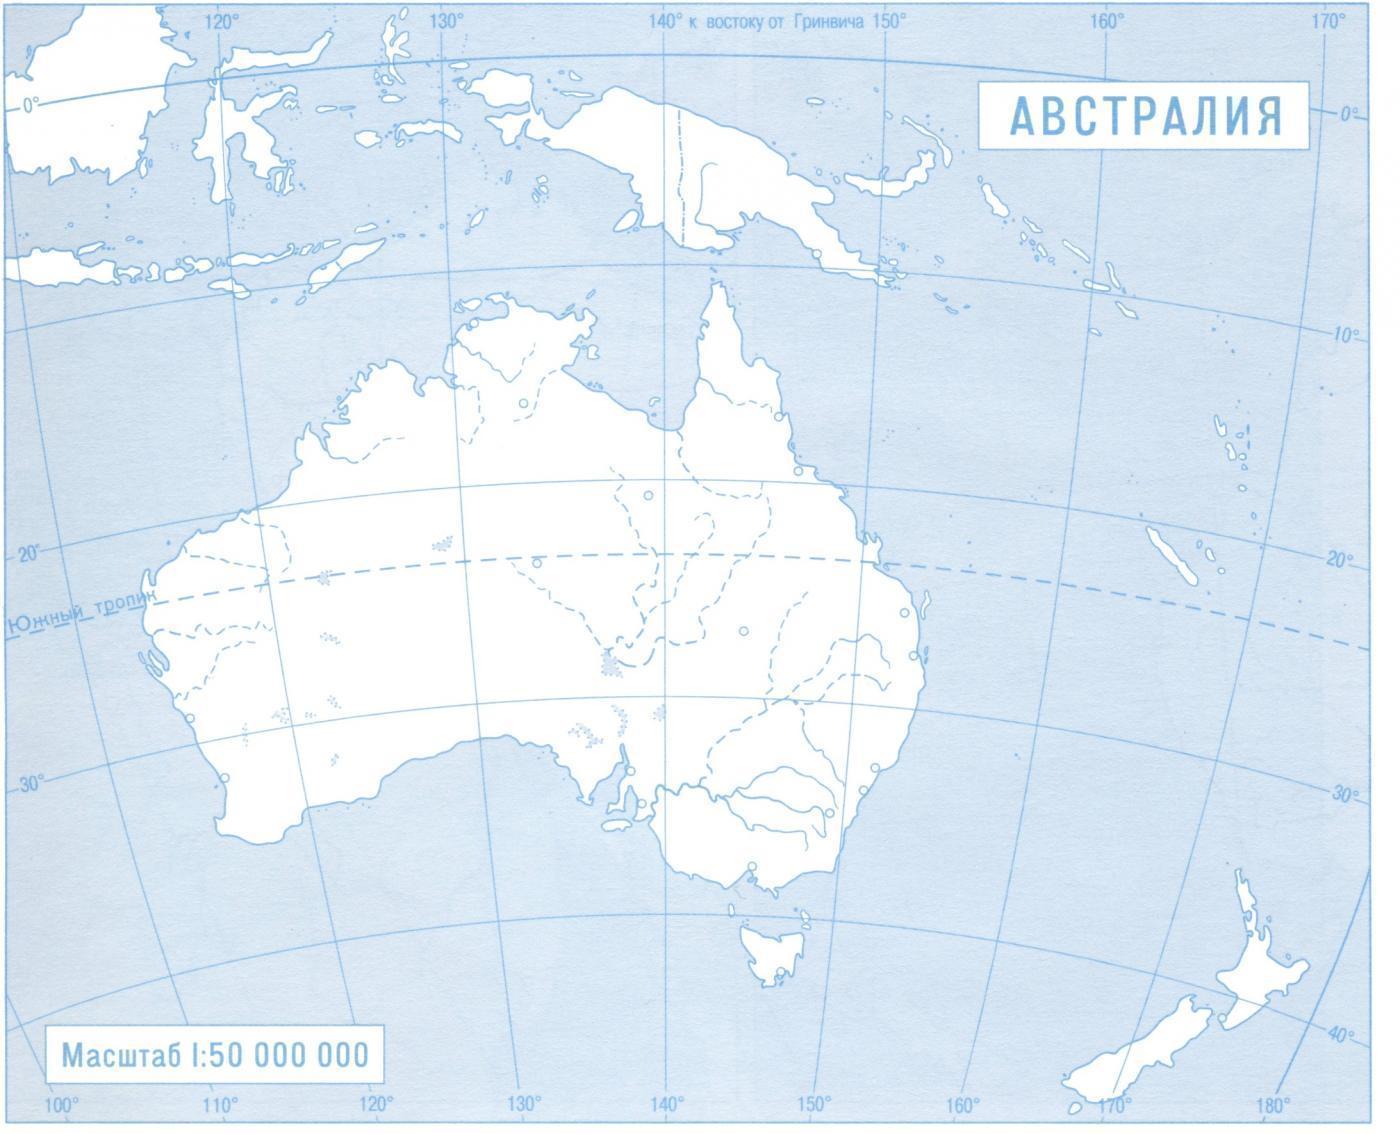 Географические карты Австралии крупным планом на русском языке: физическая, политическая и контурная 4